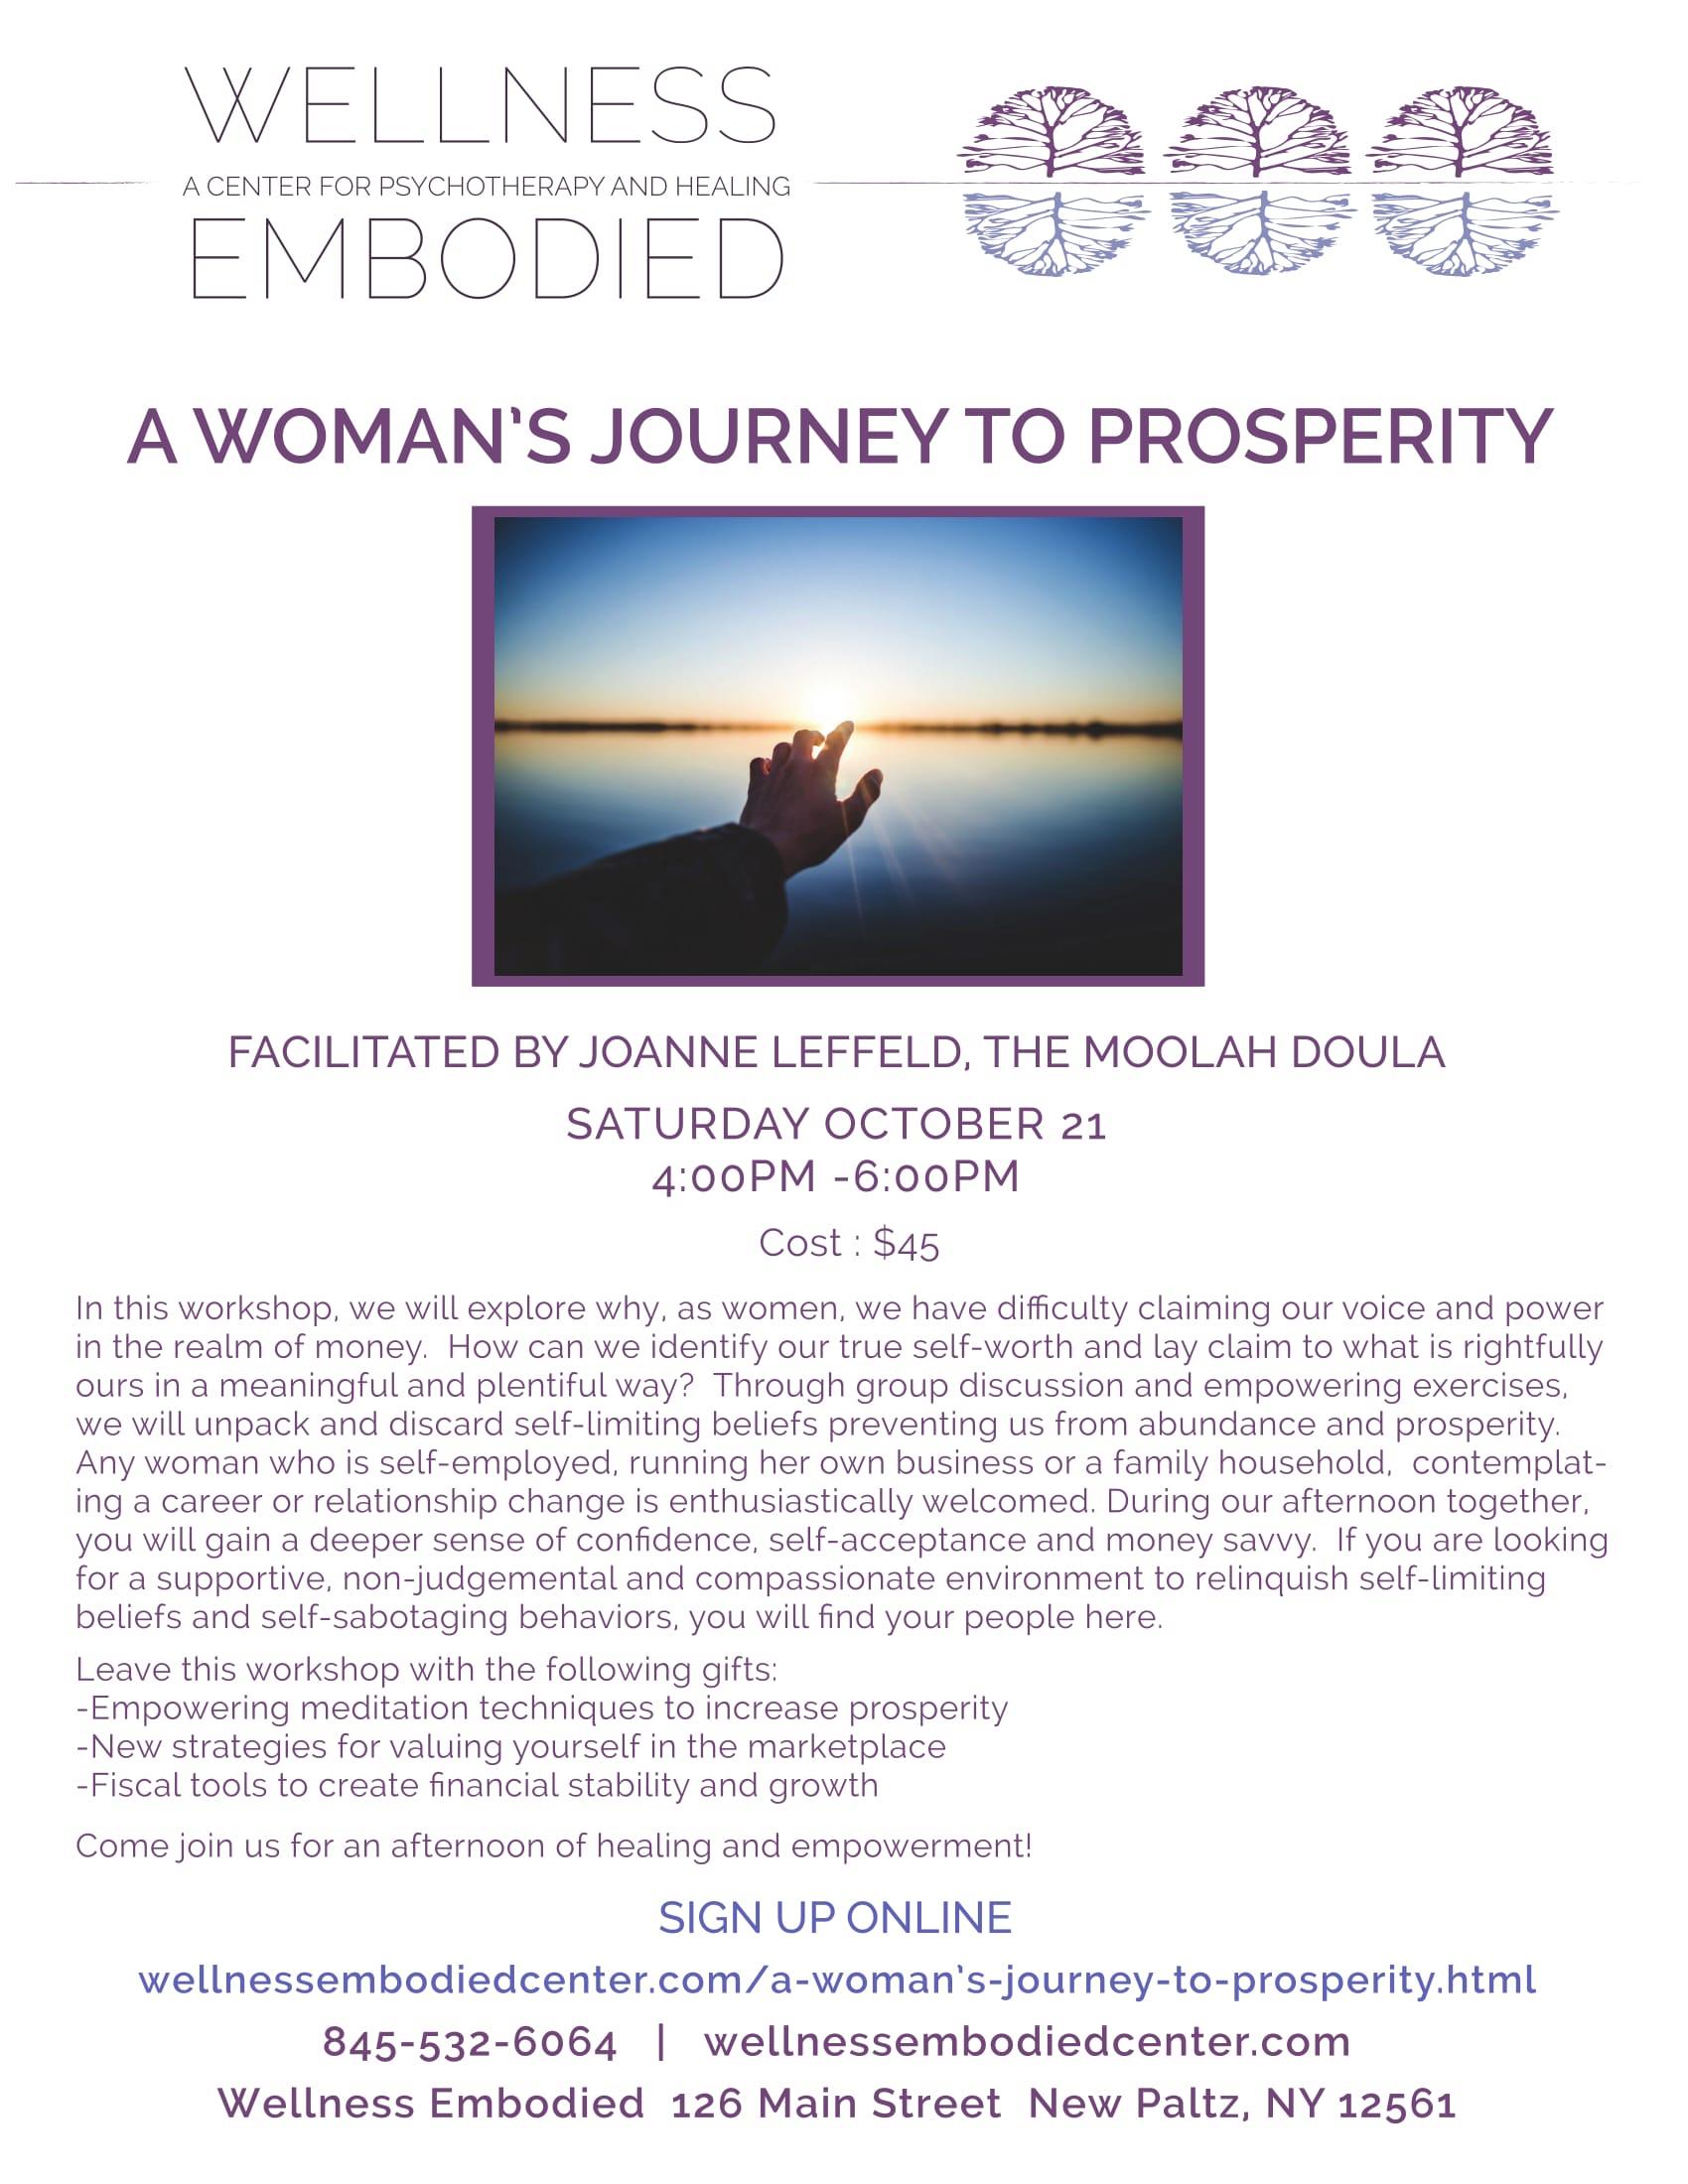 A WOMAN'S JOURNEY TO PROSPERITY flyer-1.jpg